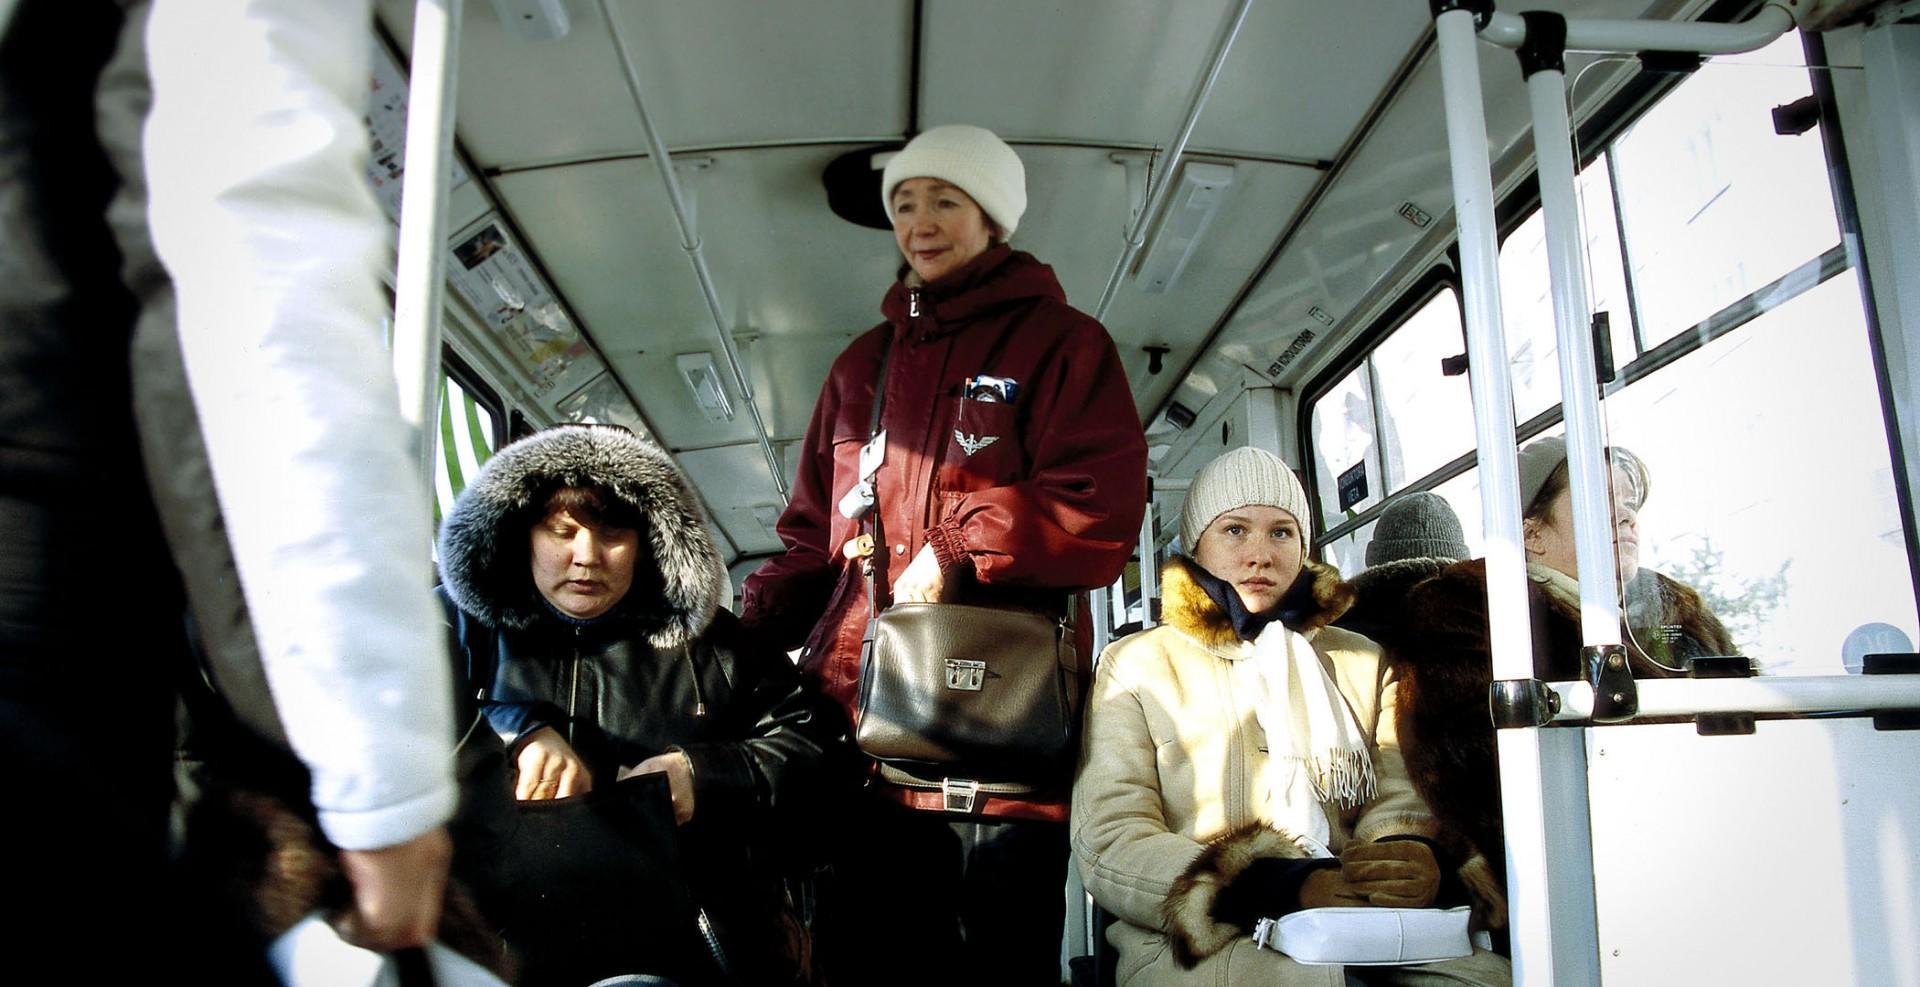 Reportage-Fotograf-in-Paris-Reportage-Fotografie-Lettland-im-Bus